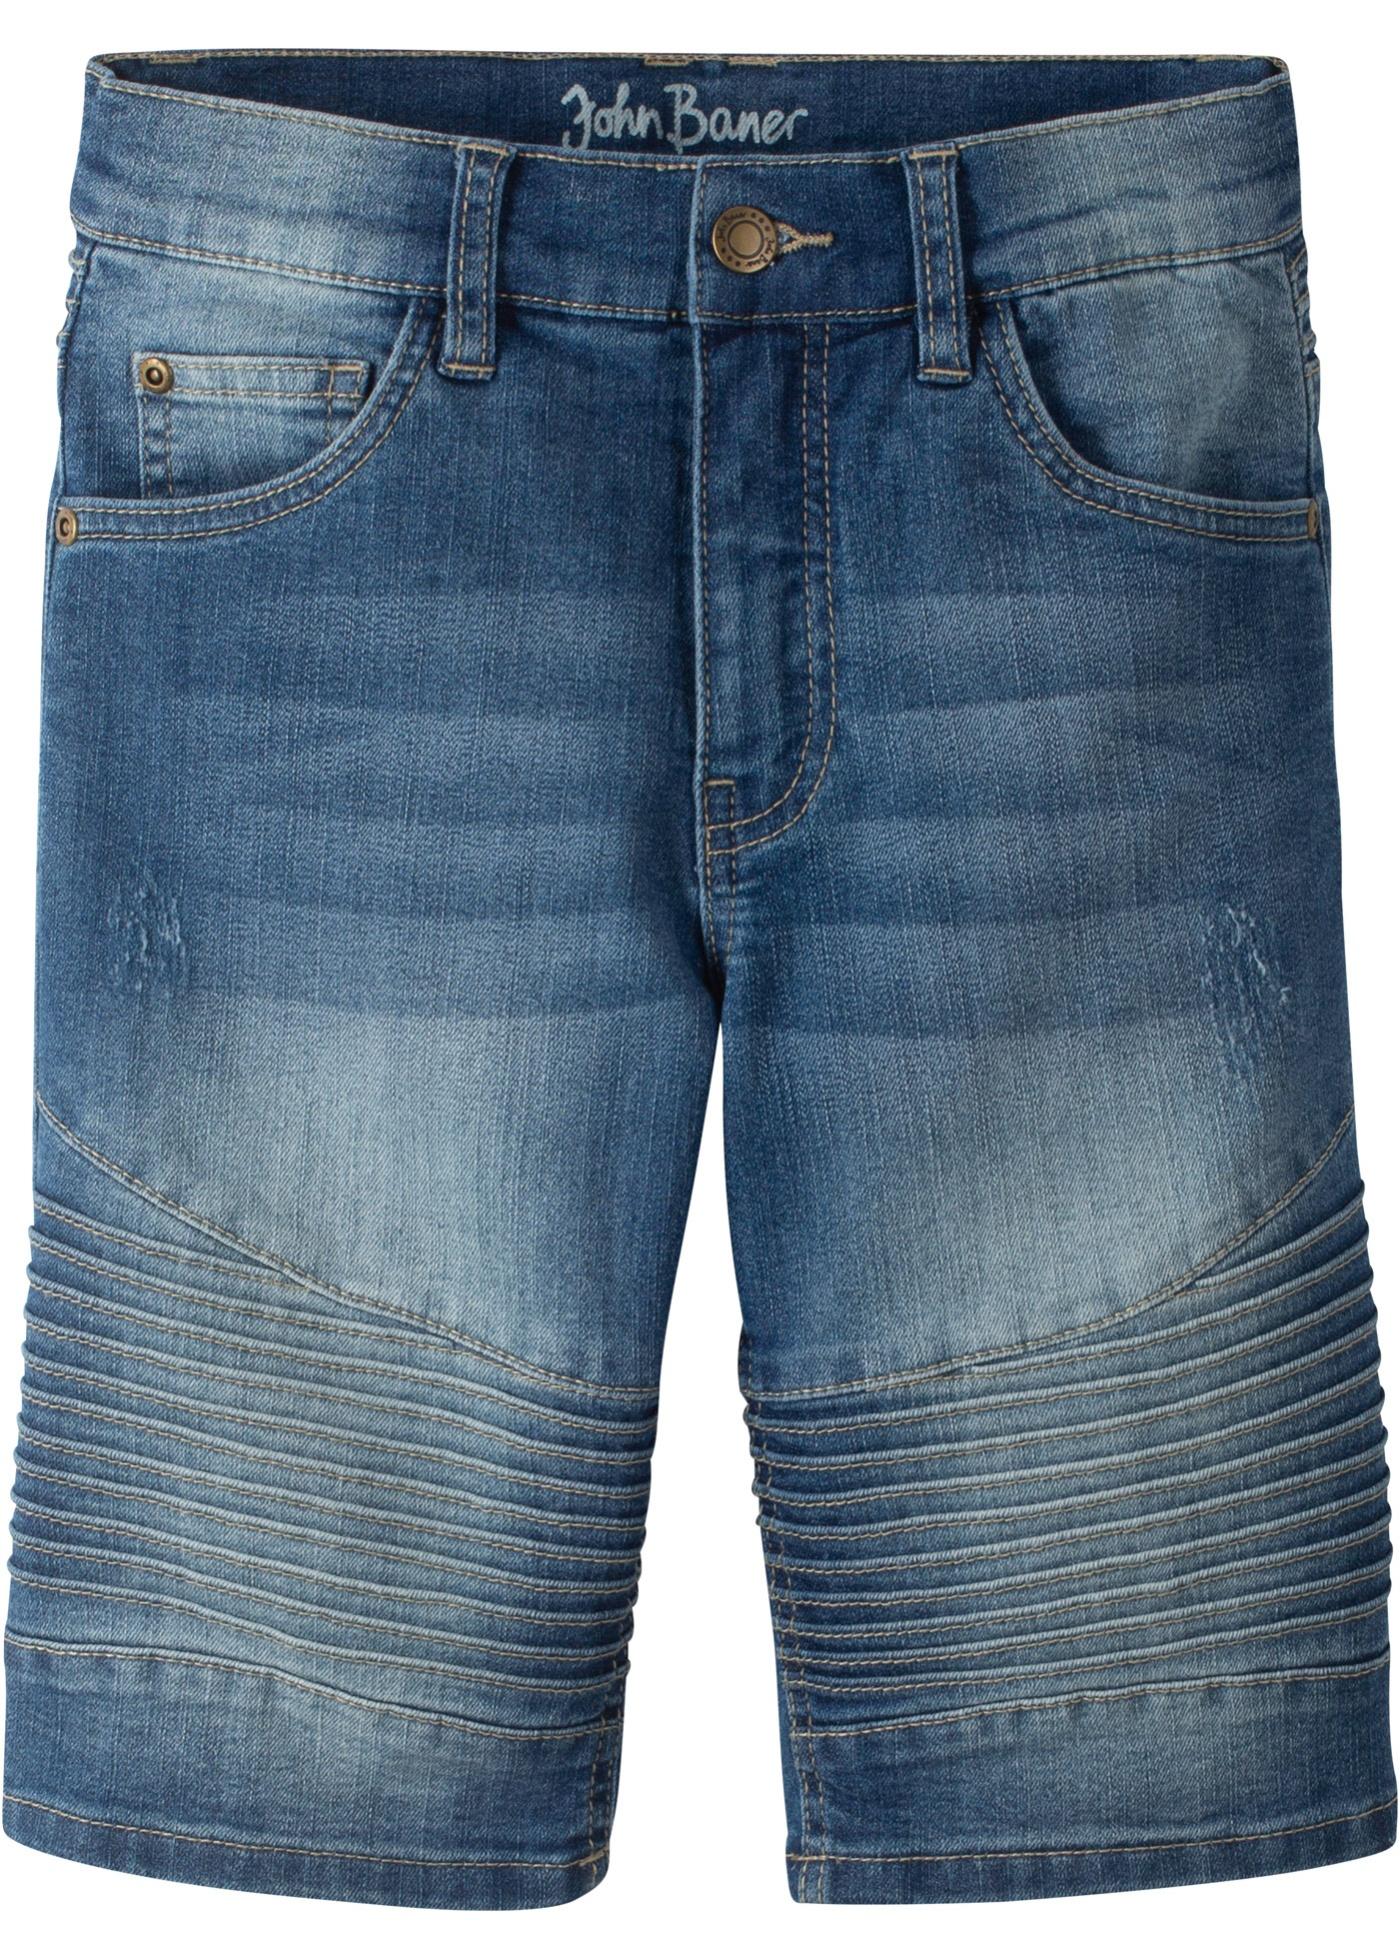 Bermuda di jeans slim fit (Blu) - John Baner JEANSWEAR